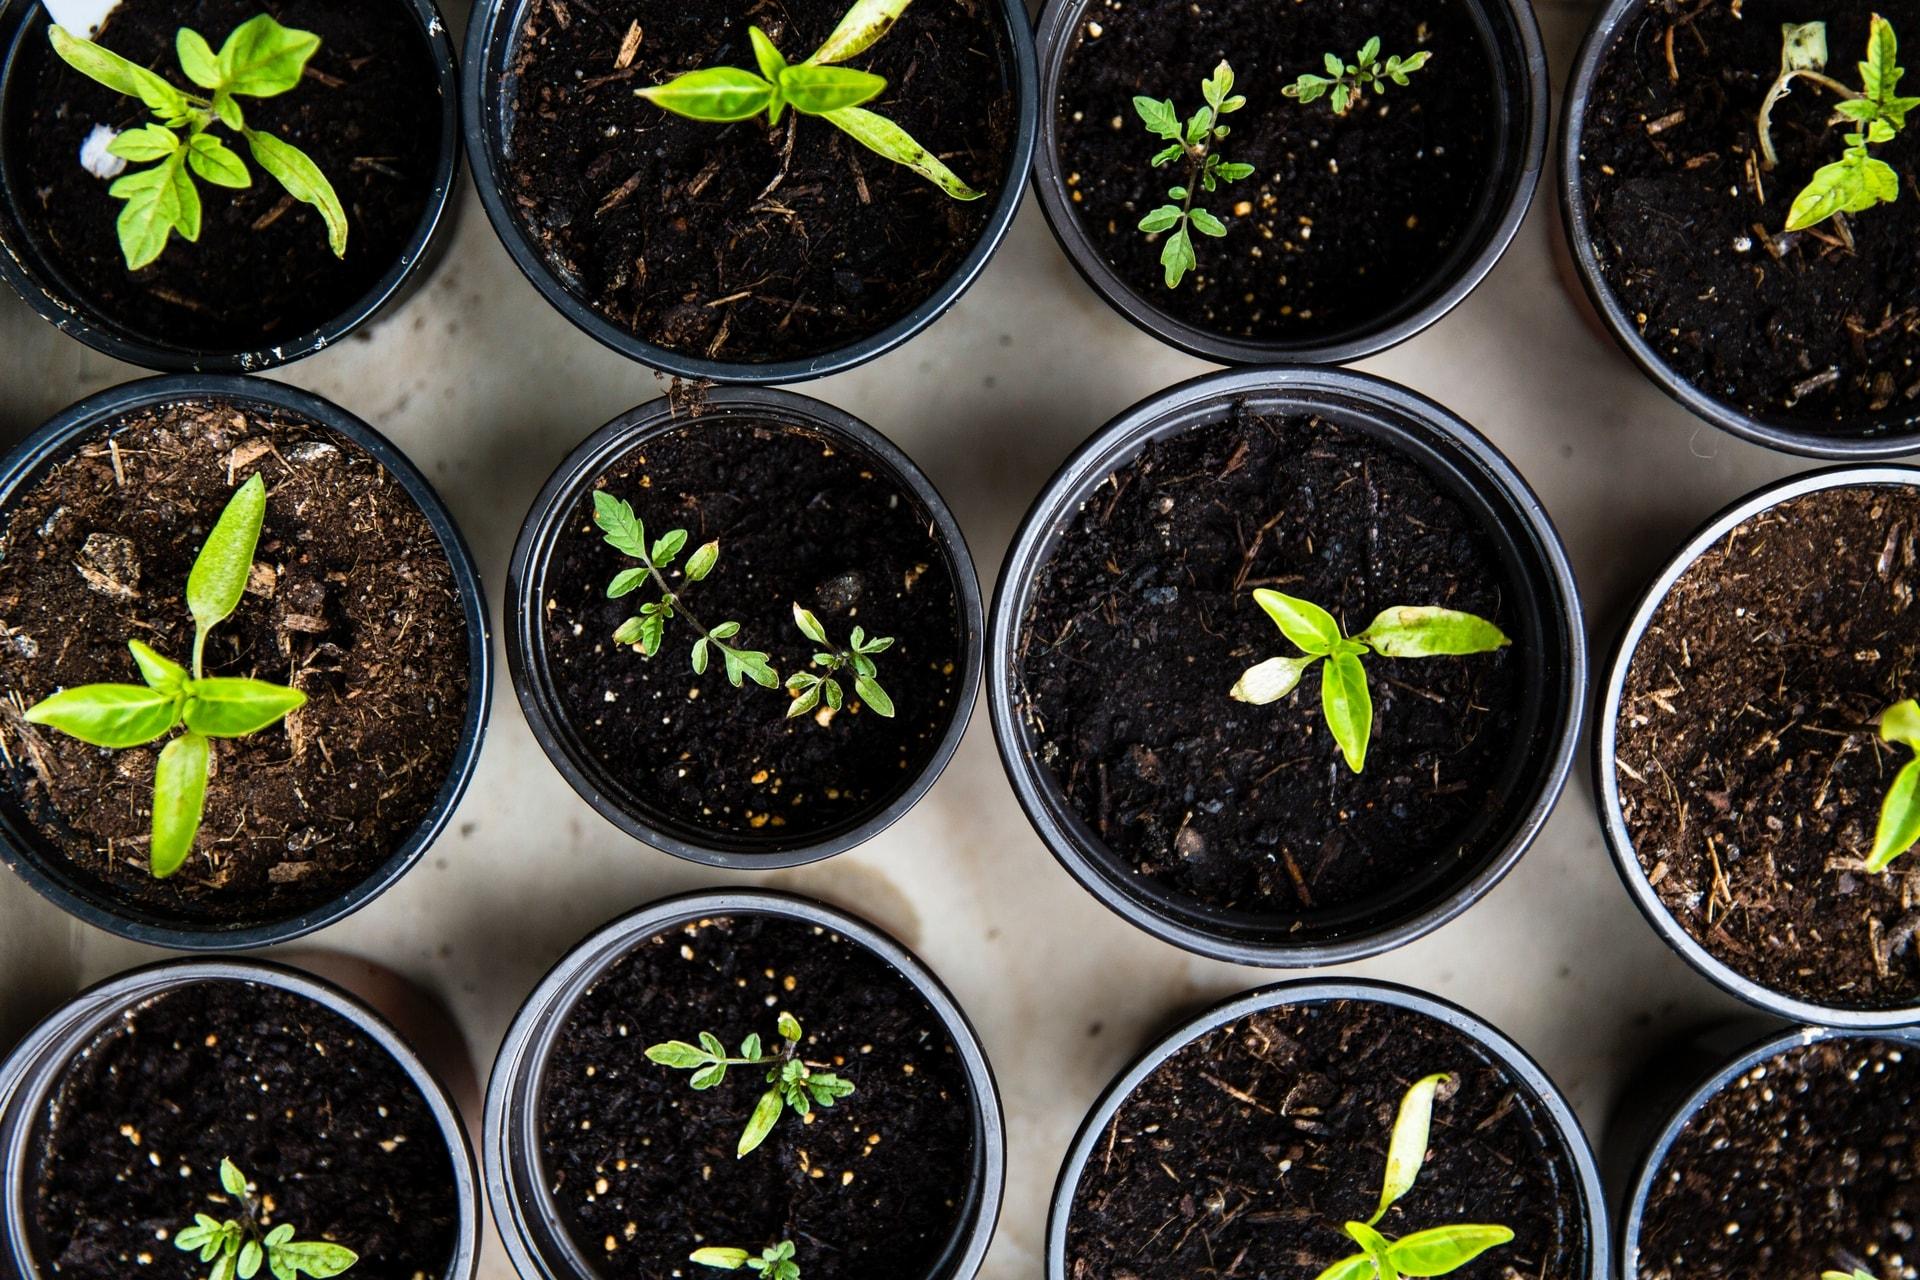 Duurzaamheid leeft meer dan ooit, ook in beleggen